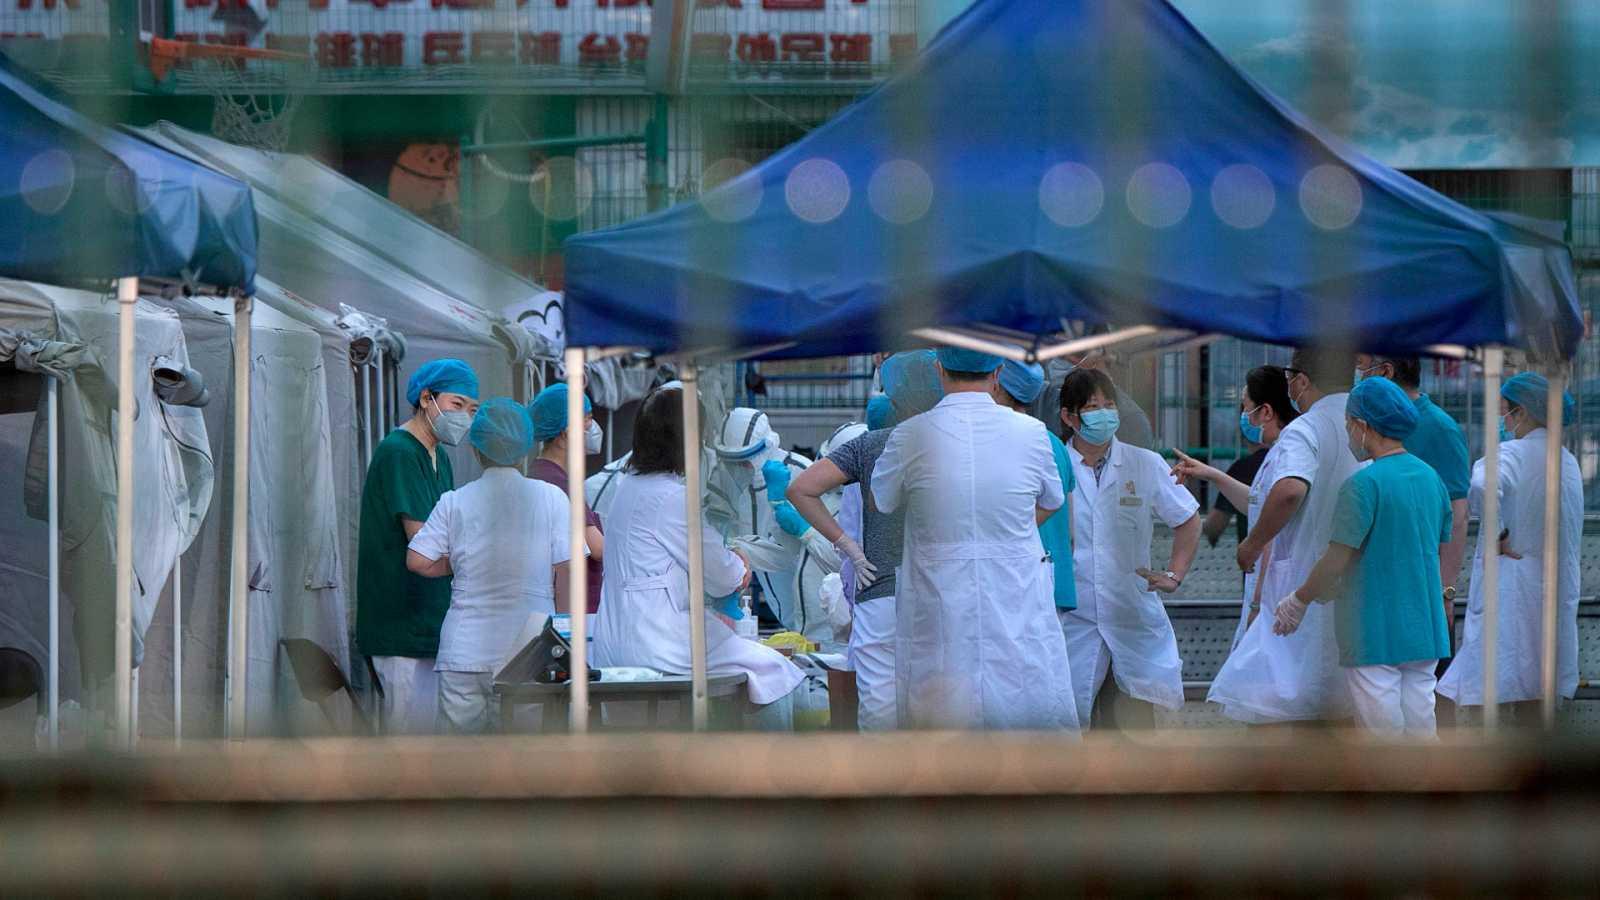 ¿Se enfrenta Pekín a un brote de coronavirus sin control?